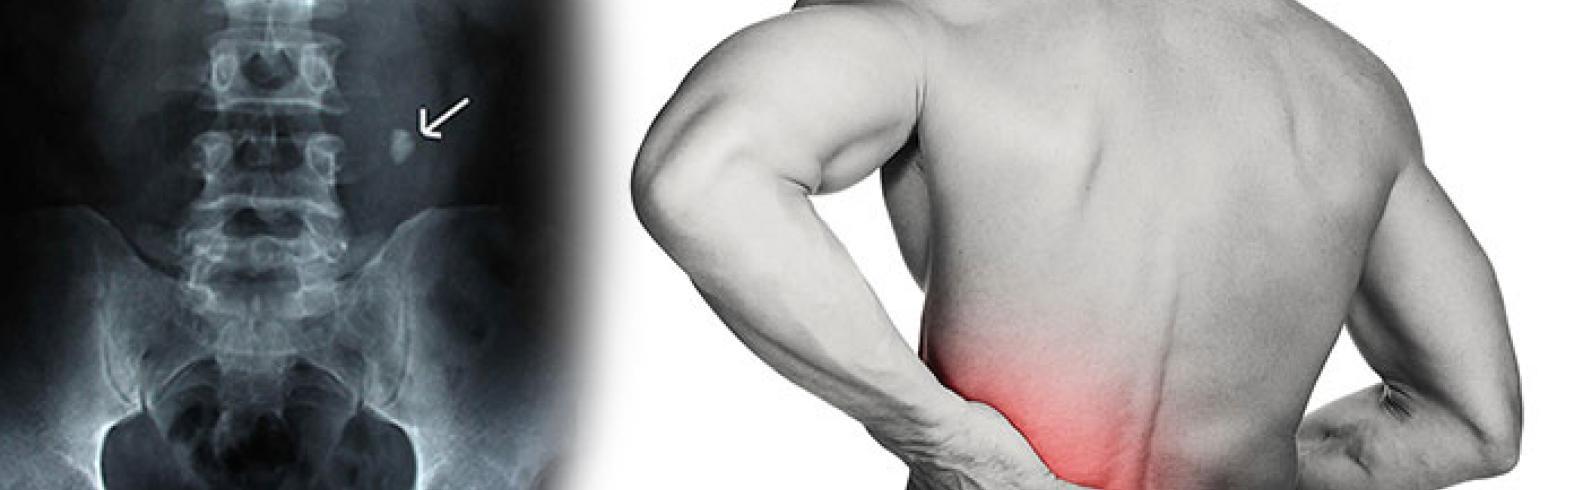 Sol üreterde taş nedeniyle kolik ağrı